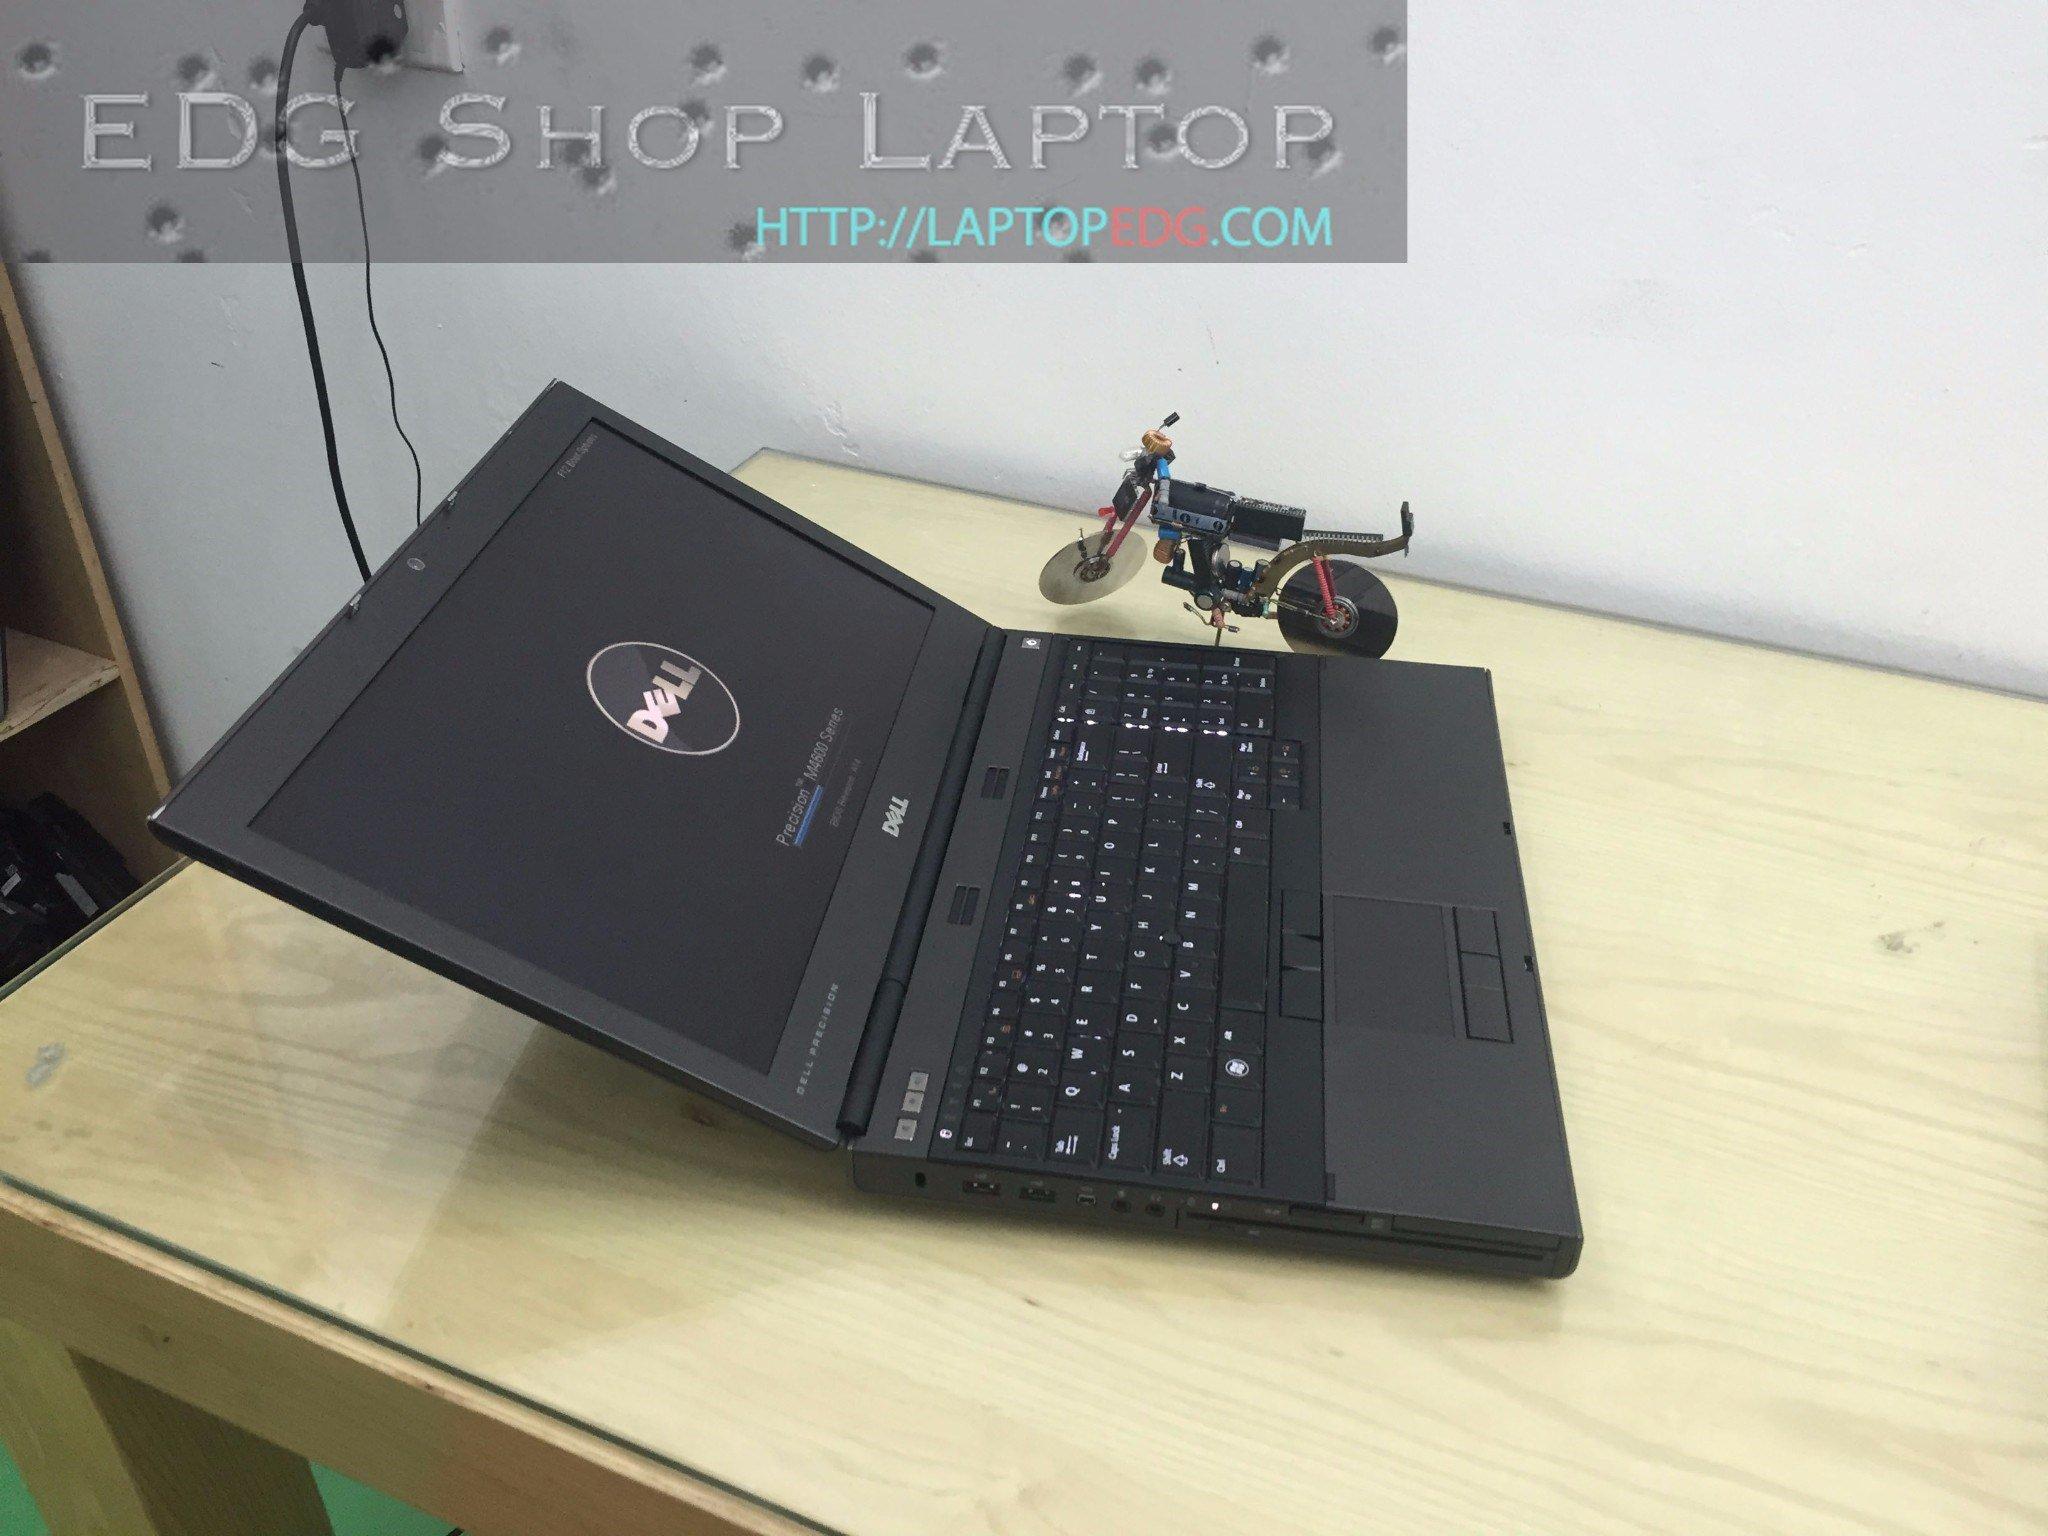 Đánh giá Laptop Mobile Workstation Dell Precision M4600, Máy trạm siêu di động